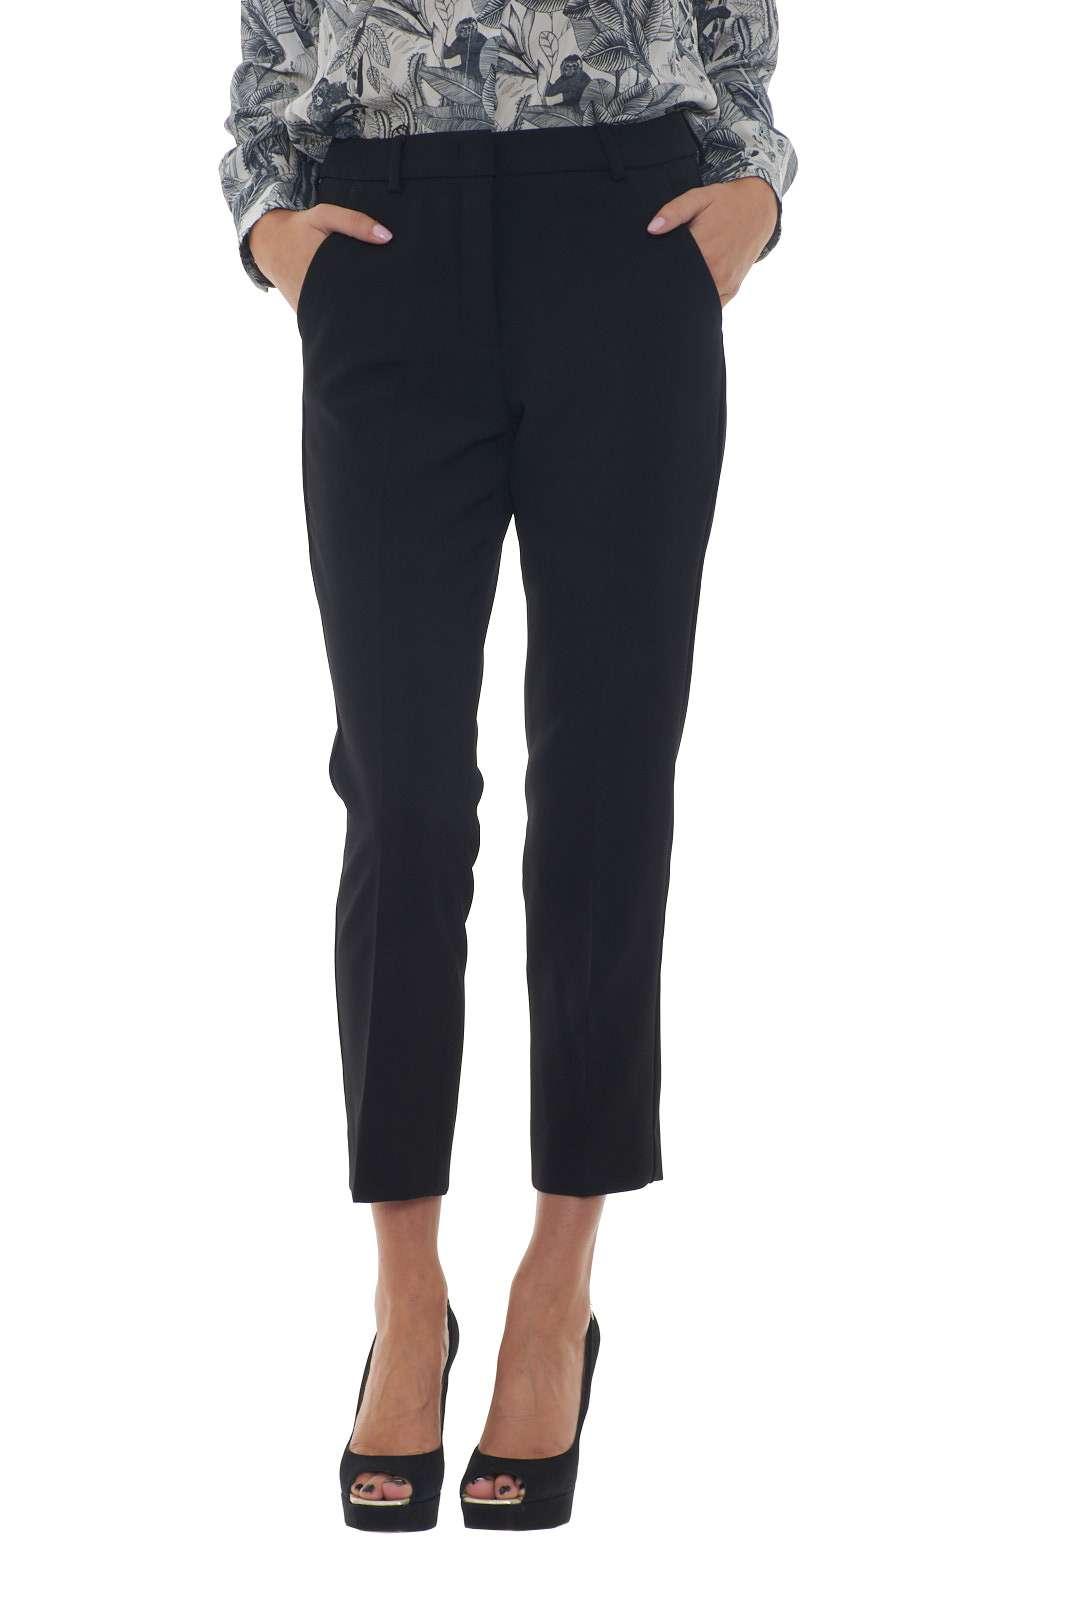 Una classica vestibilità a sigaretta per il pantalone donna firmato Weekend MaxMara. Un linea semplice impreziosita dalle tasche america e da quelle a doppio filetto con bottone. Perfetto per i look più importanti, sia abbina con maglie, camicie, bluse e top.